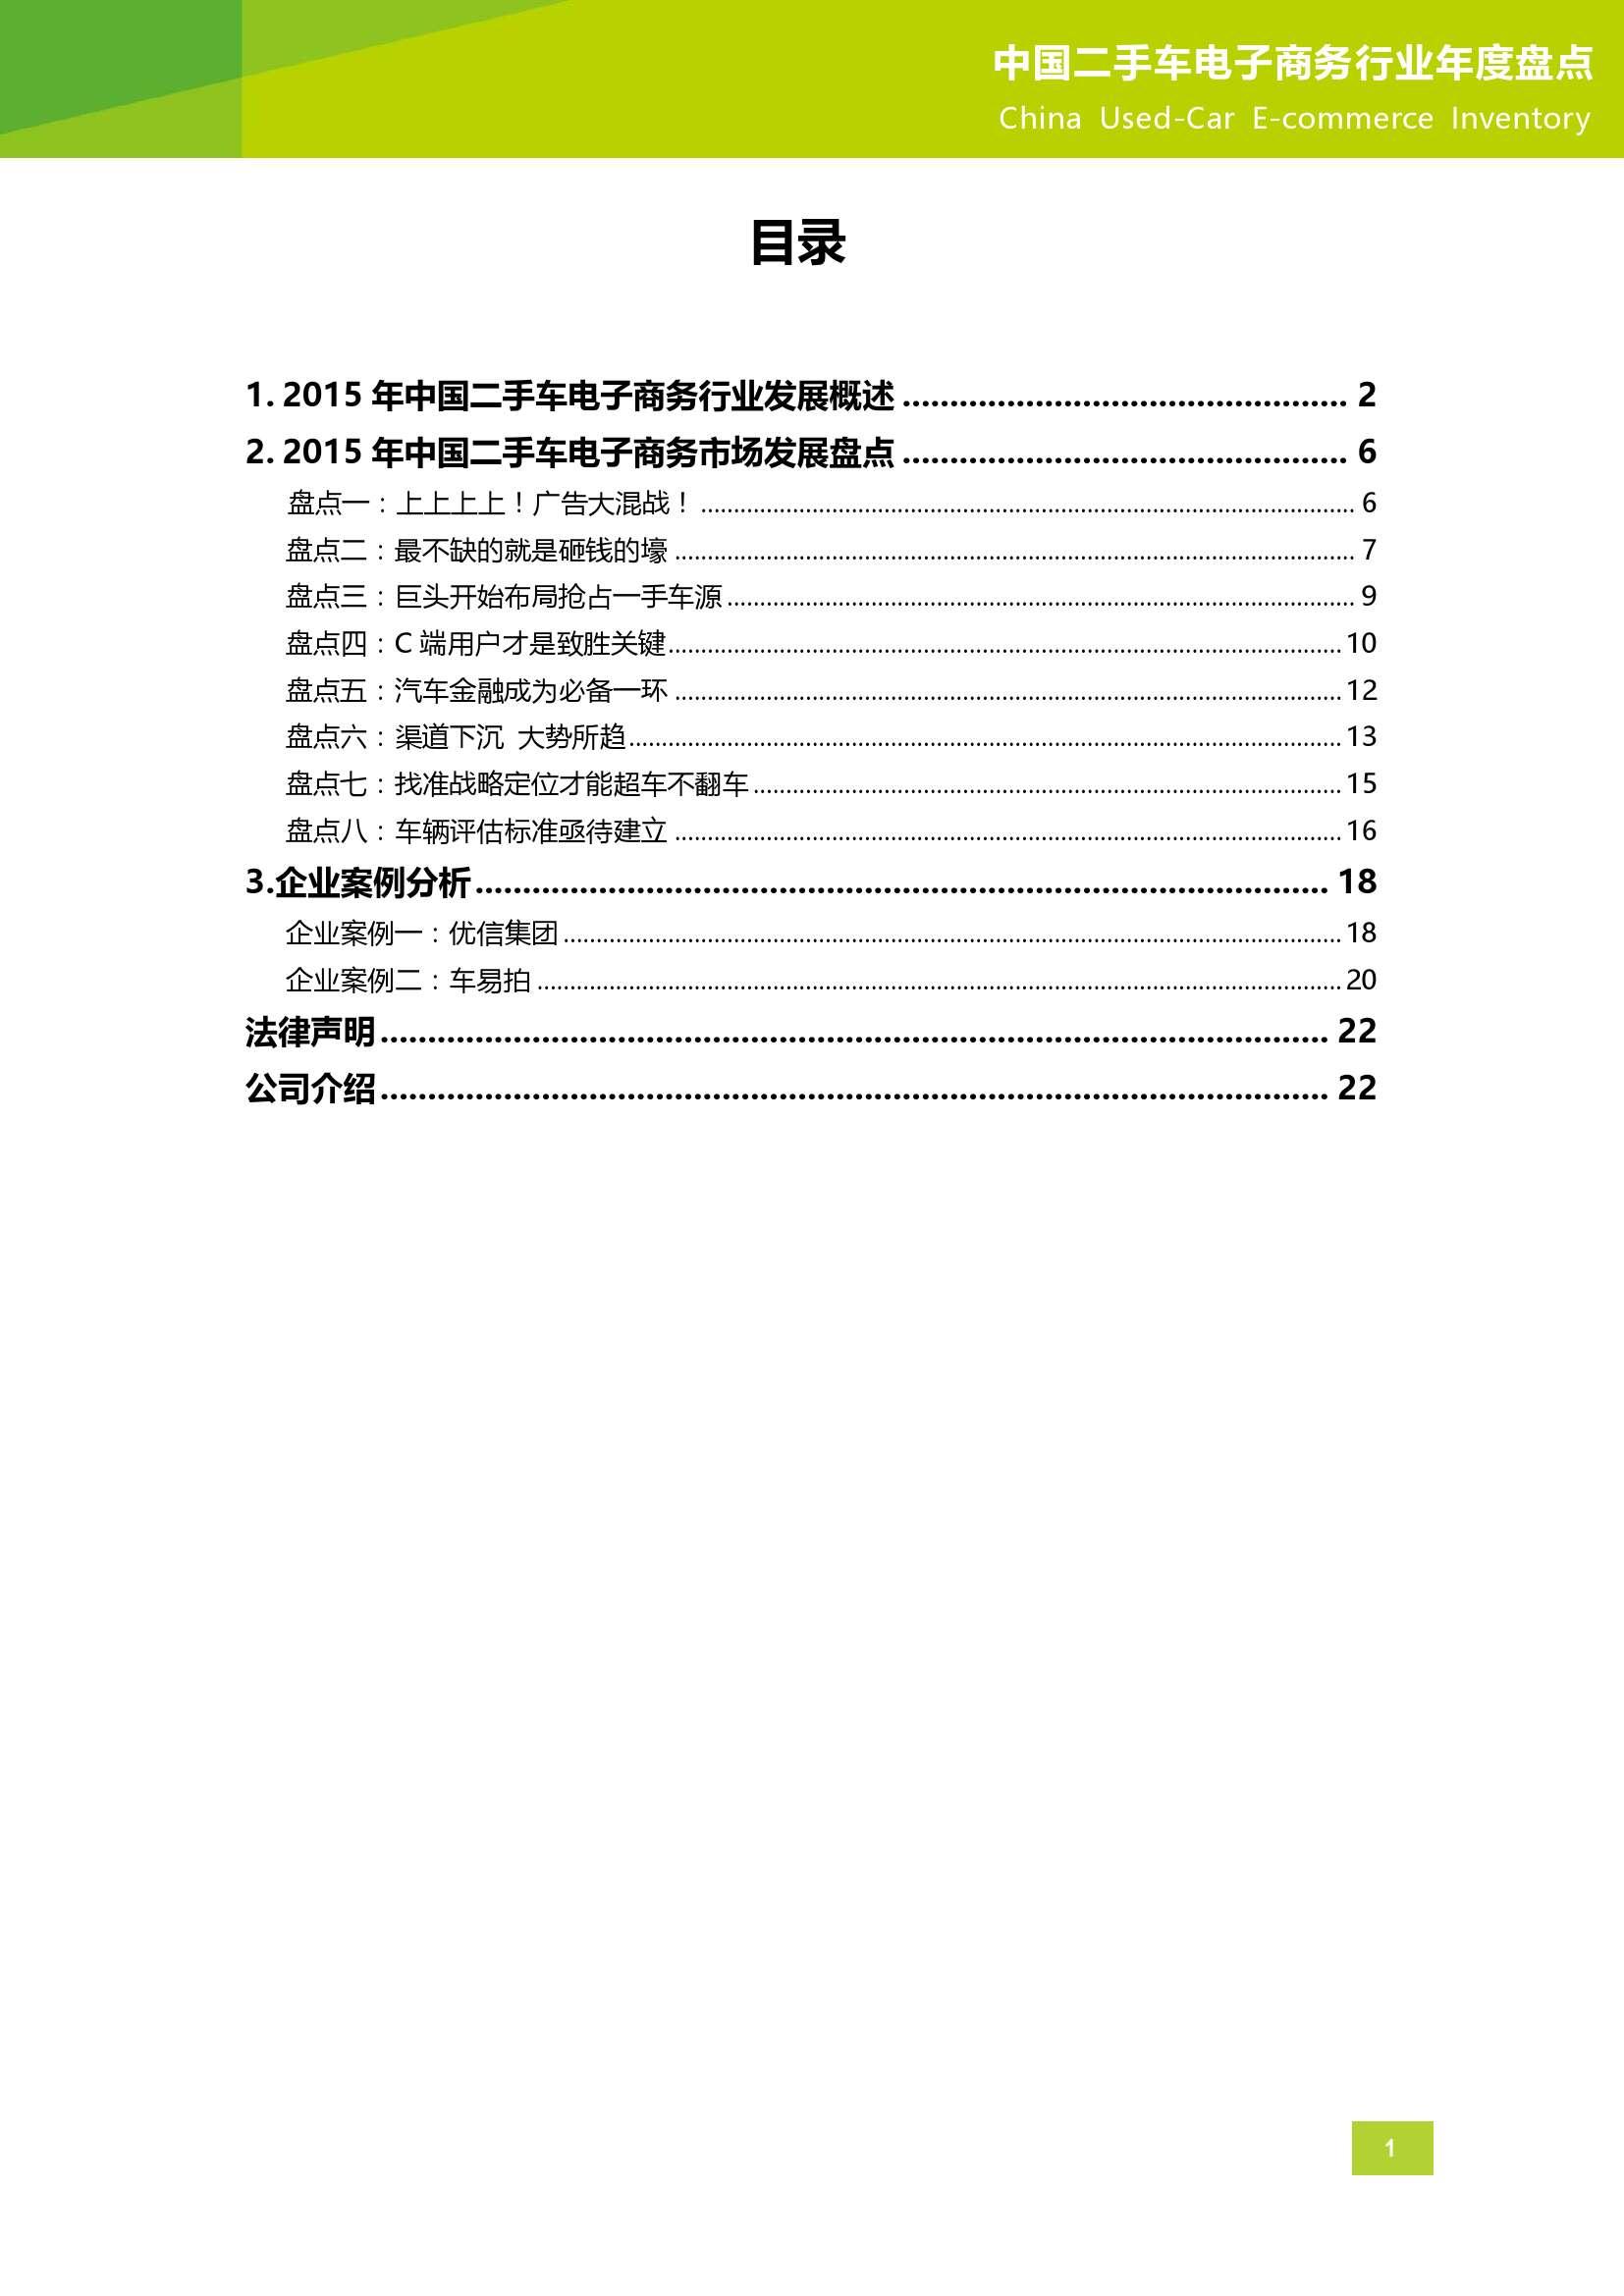 2015年中国二手车电子商务行业年度盘点_000002